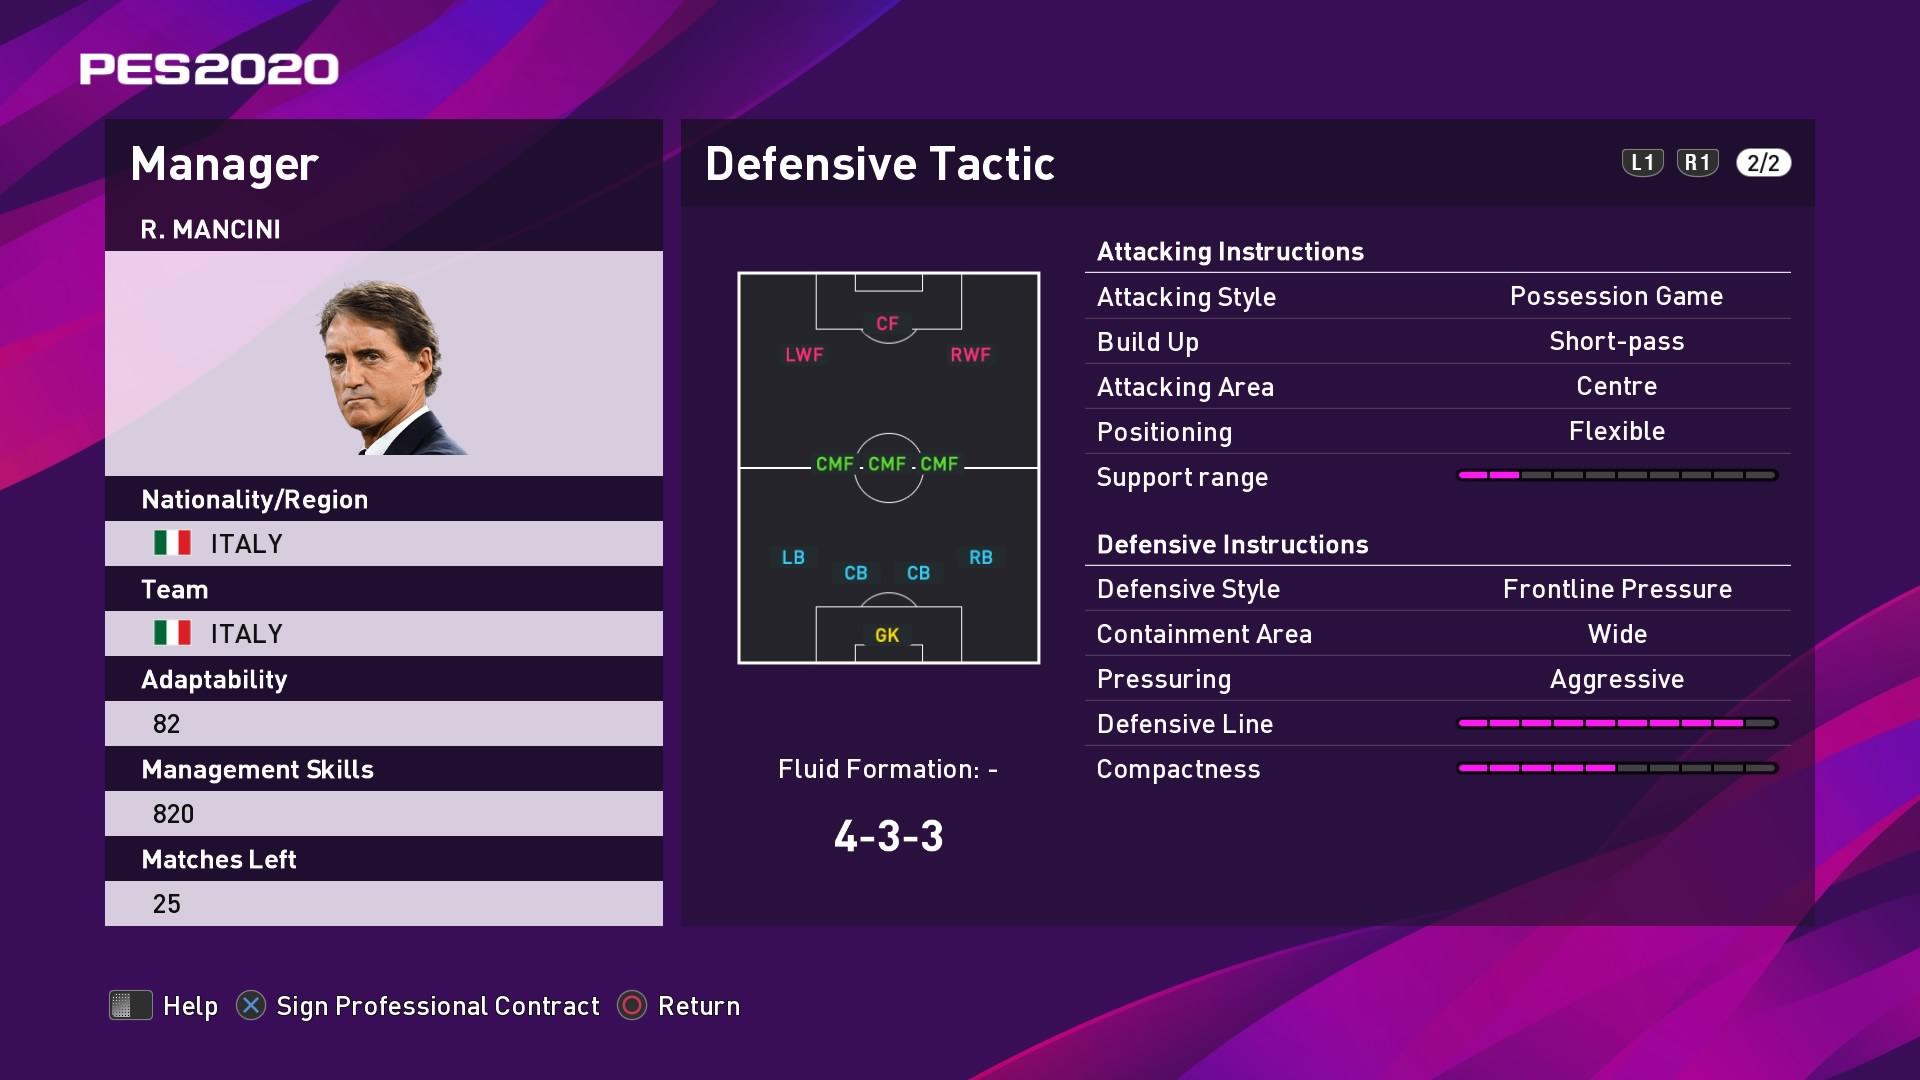 R. Mancini (2) (Roberto Macini) Defensive Tactic in PES 2020 myClub